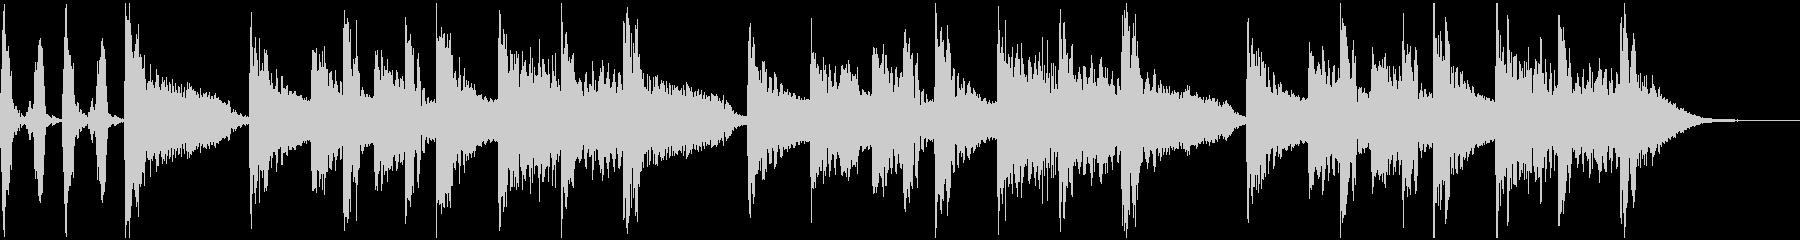 ラッパー、DJ風 サウンドロゴ、ジングルの未再生の波形